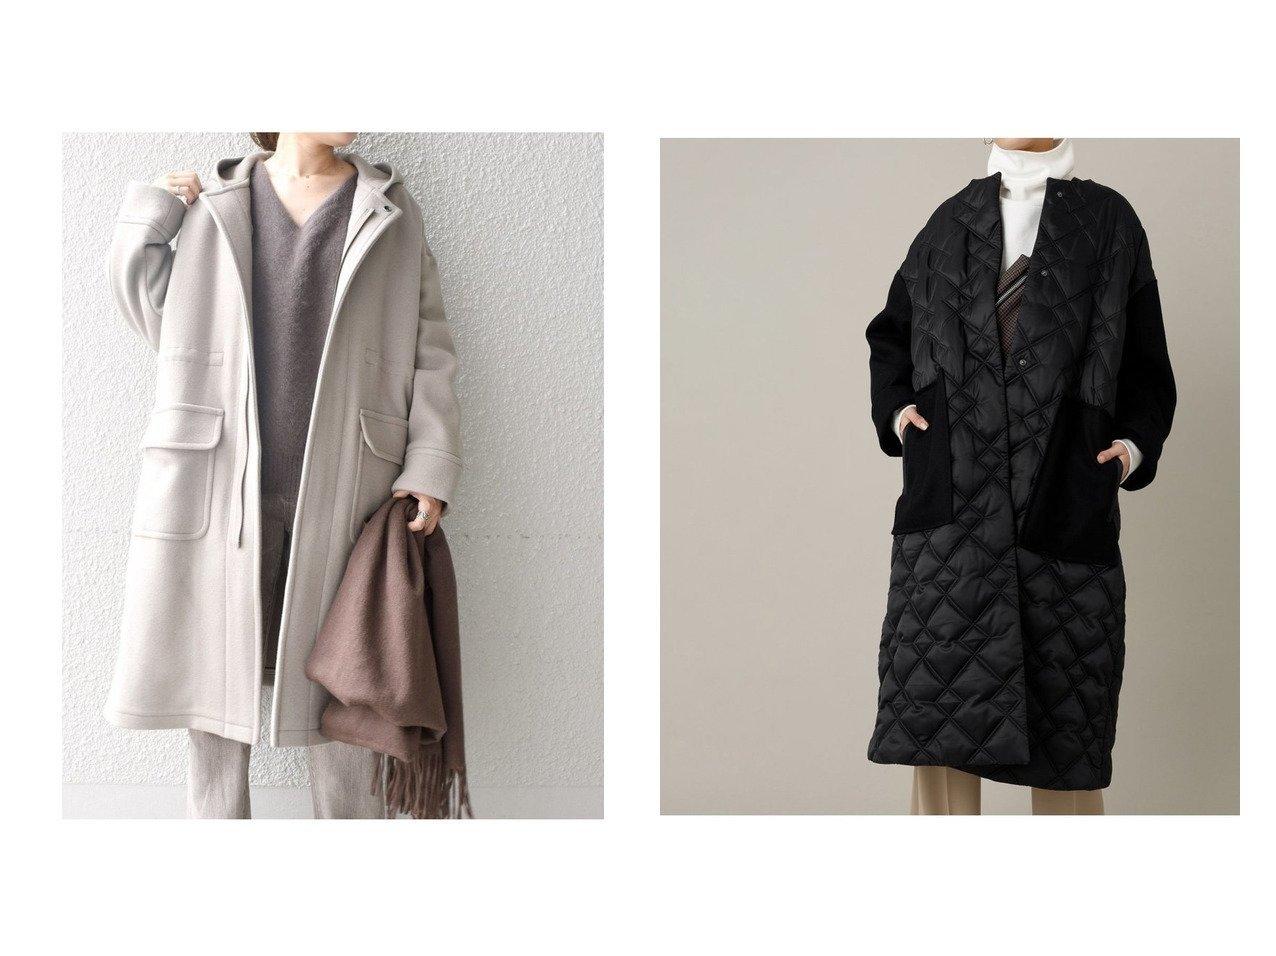 【SHIPS/シップス フォー ウィメン】のウールモッズTAIONダウン&【Adam et Rope/アダム エ ロペ】のキルティングメルトンコート アウターのおすすめ!人気トレンド・レディースファッションの通販 おすすめで人気の流行・トレンド、ファッションの通販商品 メンズファッション・キッズファッション・インテリア・家具・レディースファッション・服の通販 founy(ファニー) https://founy.com/ ファッション Fashion レディースファッション WOMEN アウター Coat Outerwear コート Coats ジャケット Jackets なめらか インナー ジャケット ダウン フレア ベスト ライナー キルティング スラックス タフタ デニム ポケット メルトン 冬 Winter |ID:crp329100000008584